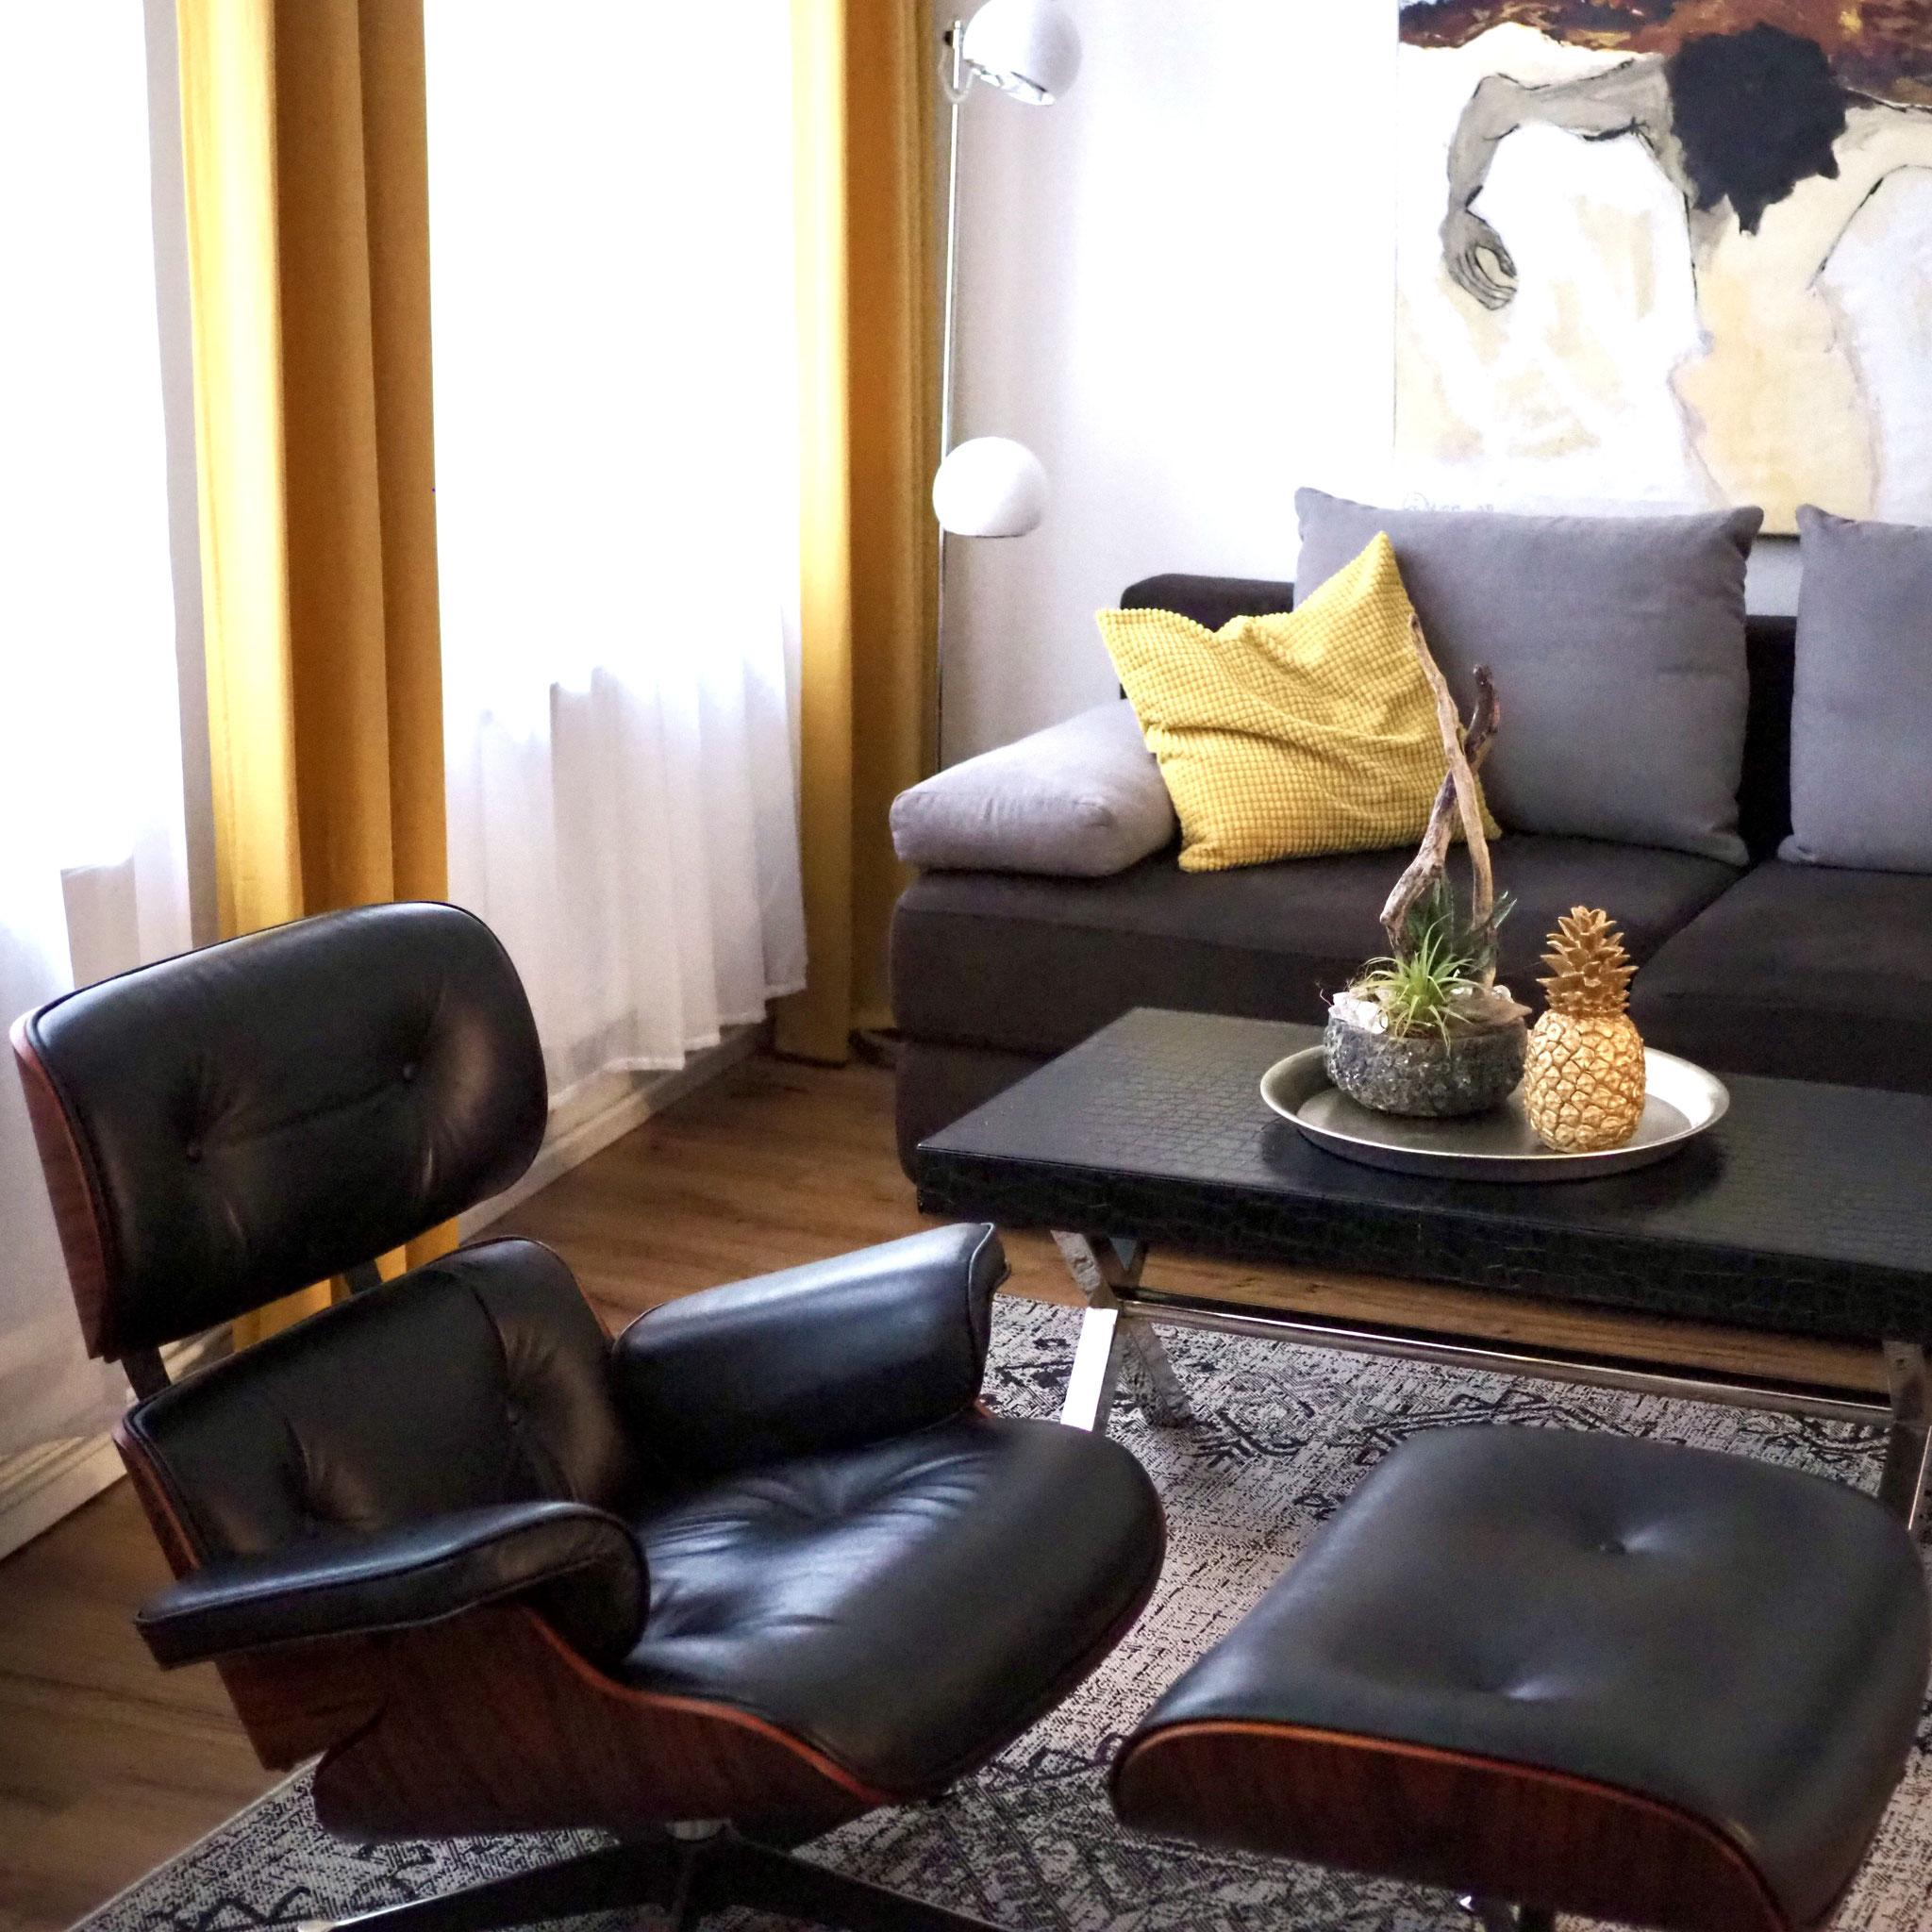 Ferienwohnung Schwerin - Lounge Sessel